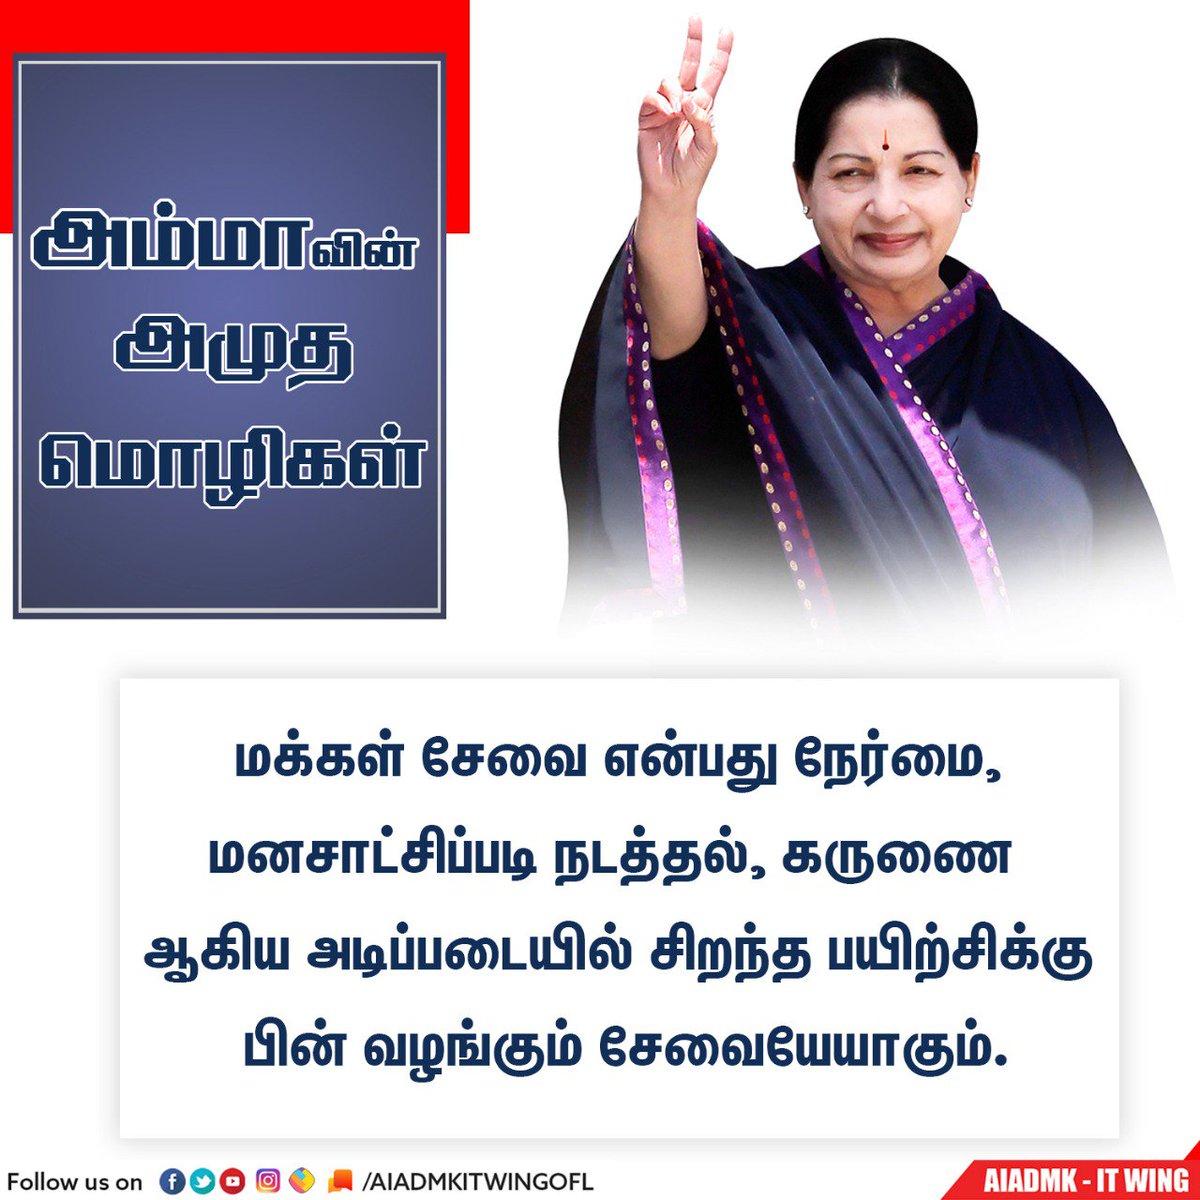 அம்மாவின்  அமுதமொழிகள்!!   #AIADMK #AmmaQuotes #AMMA #TNGovt #Tamilnadu